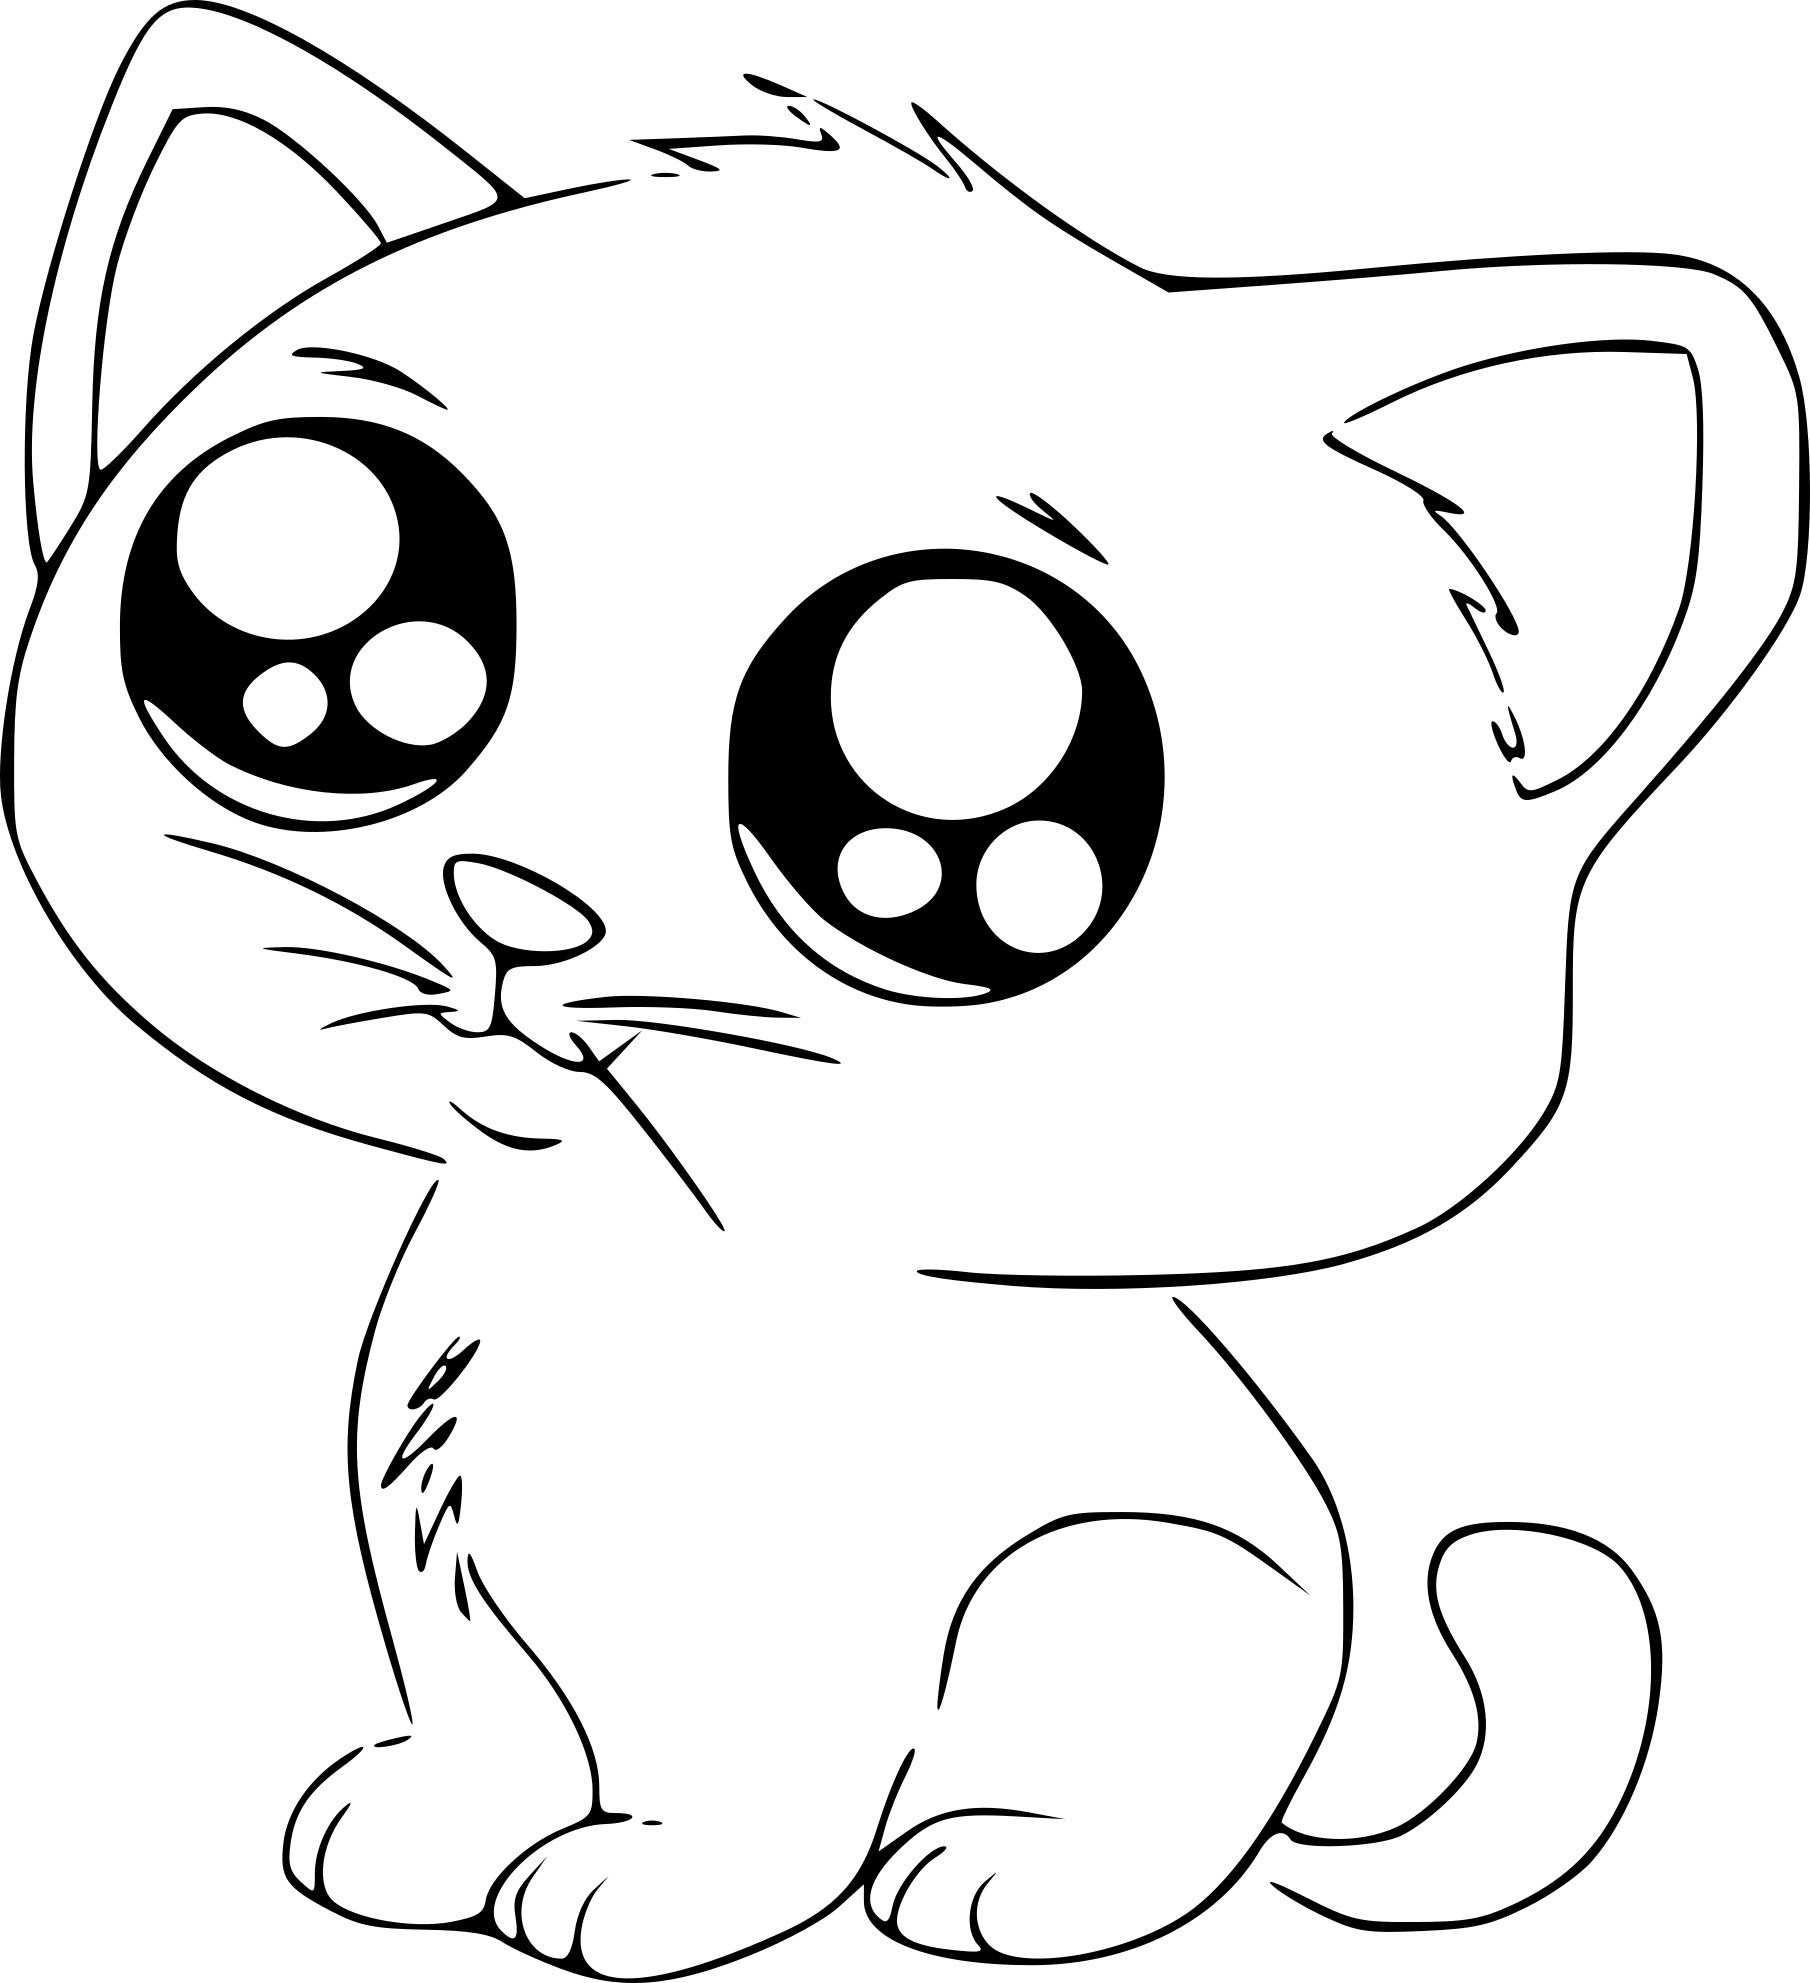 Coloriage Chat Manga A Imprimer 3516 Coloriage De Chat Et De Chien